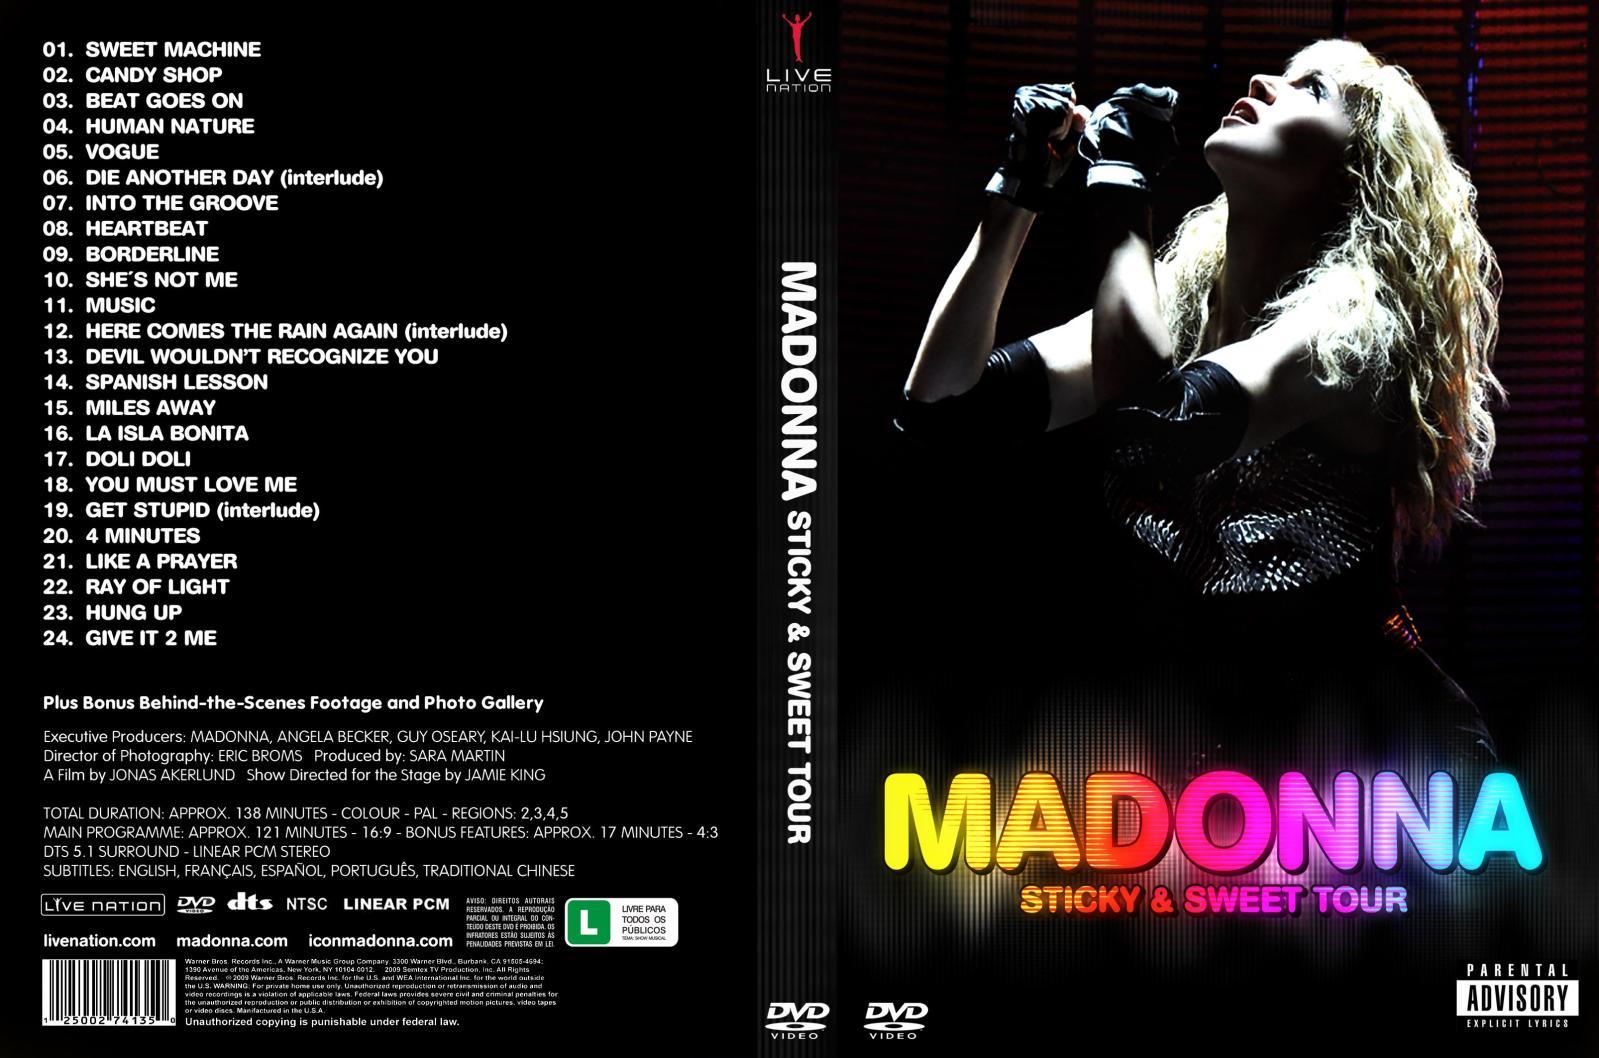 http://3.bp.blogspot.com/_lqCxeUz9FqI/S7dEJdAcVoI/AAAAAAAABUk/v4tYDW93WKk/s1600/Madonna+-+Sticky+%26+Sweet+Tour.jpg